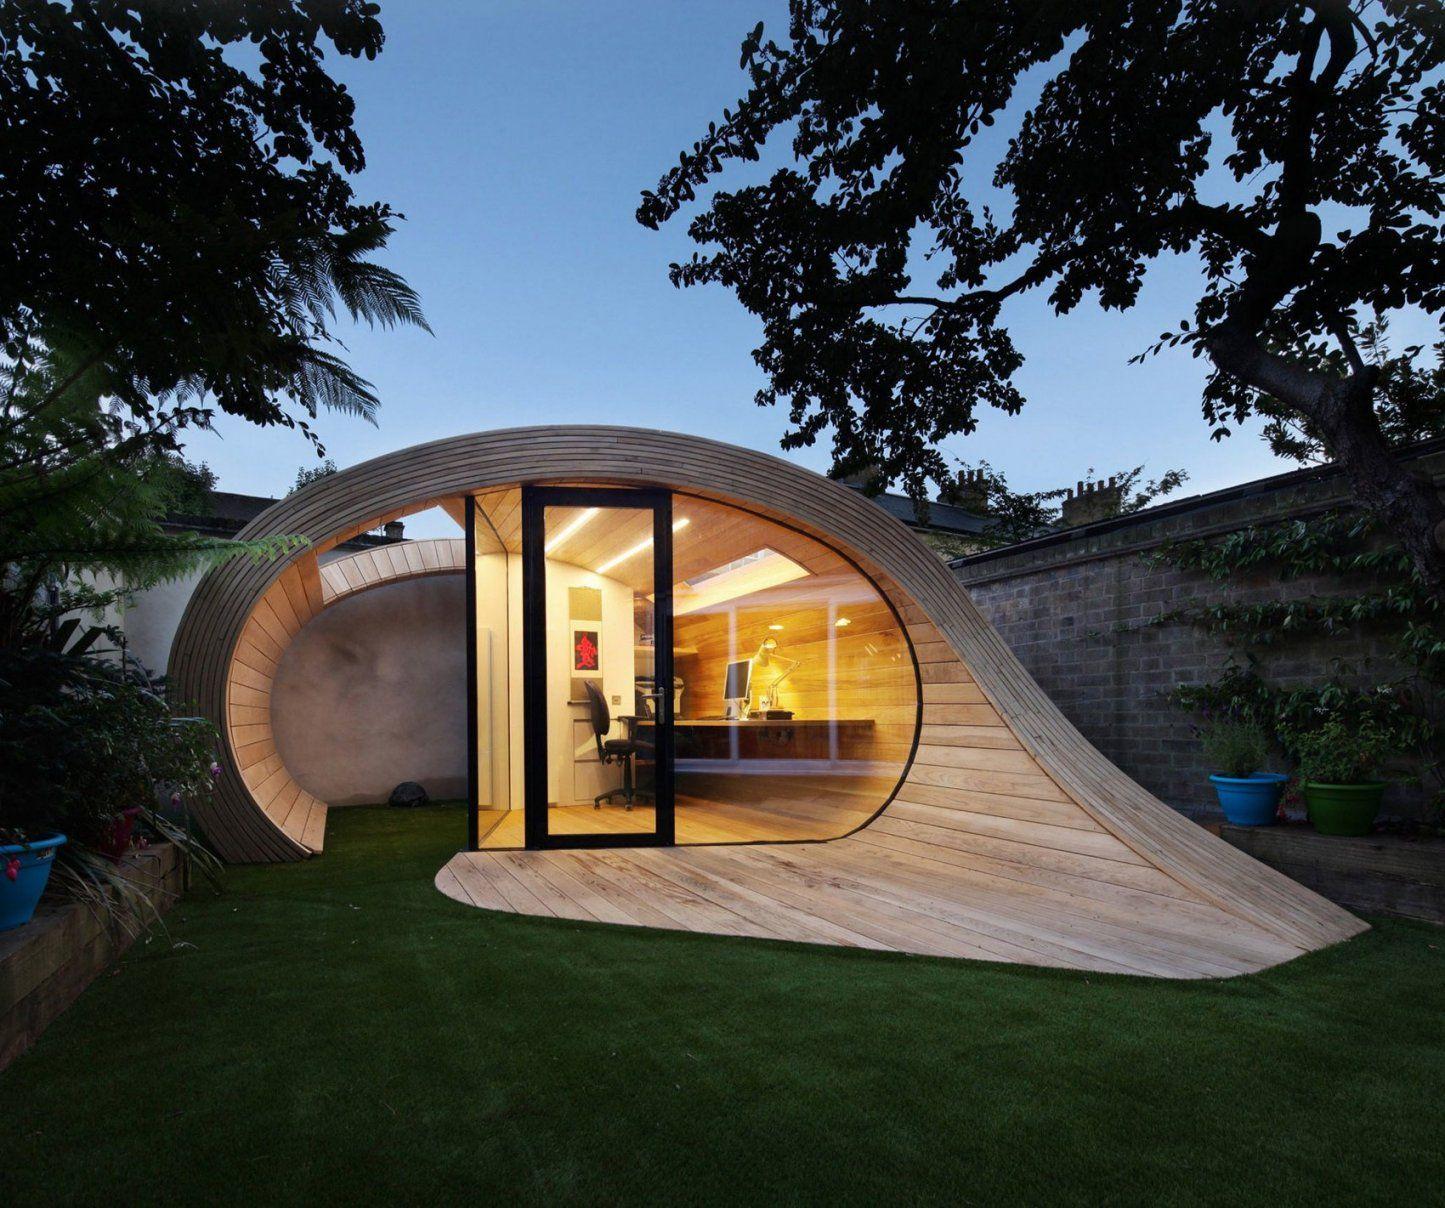 44 Atemberaubende Gartenhütten Bauen Und Einrichten  Architektur von Atemberaubende Ideen Für Den Garten Bild